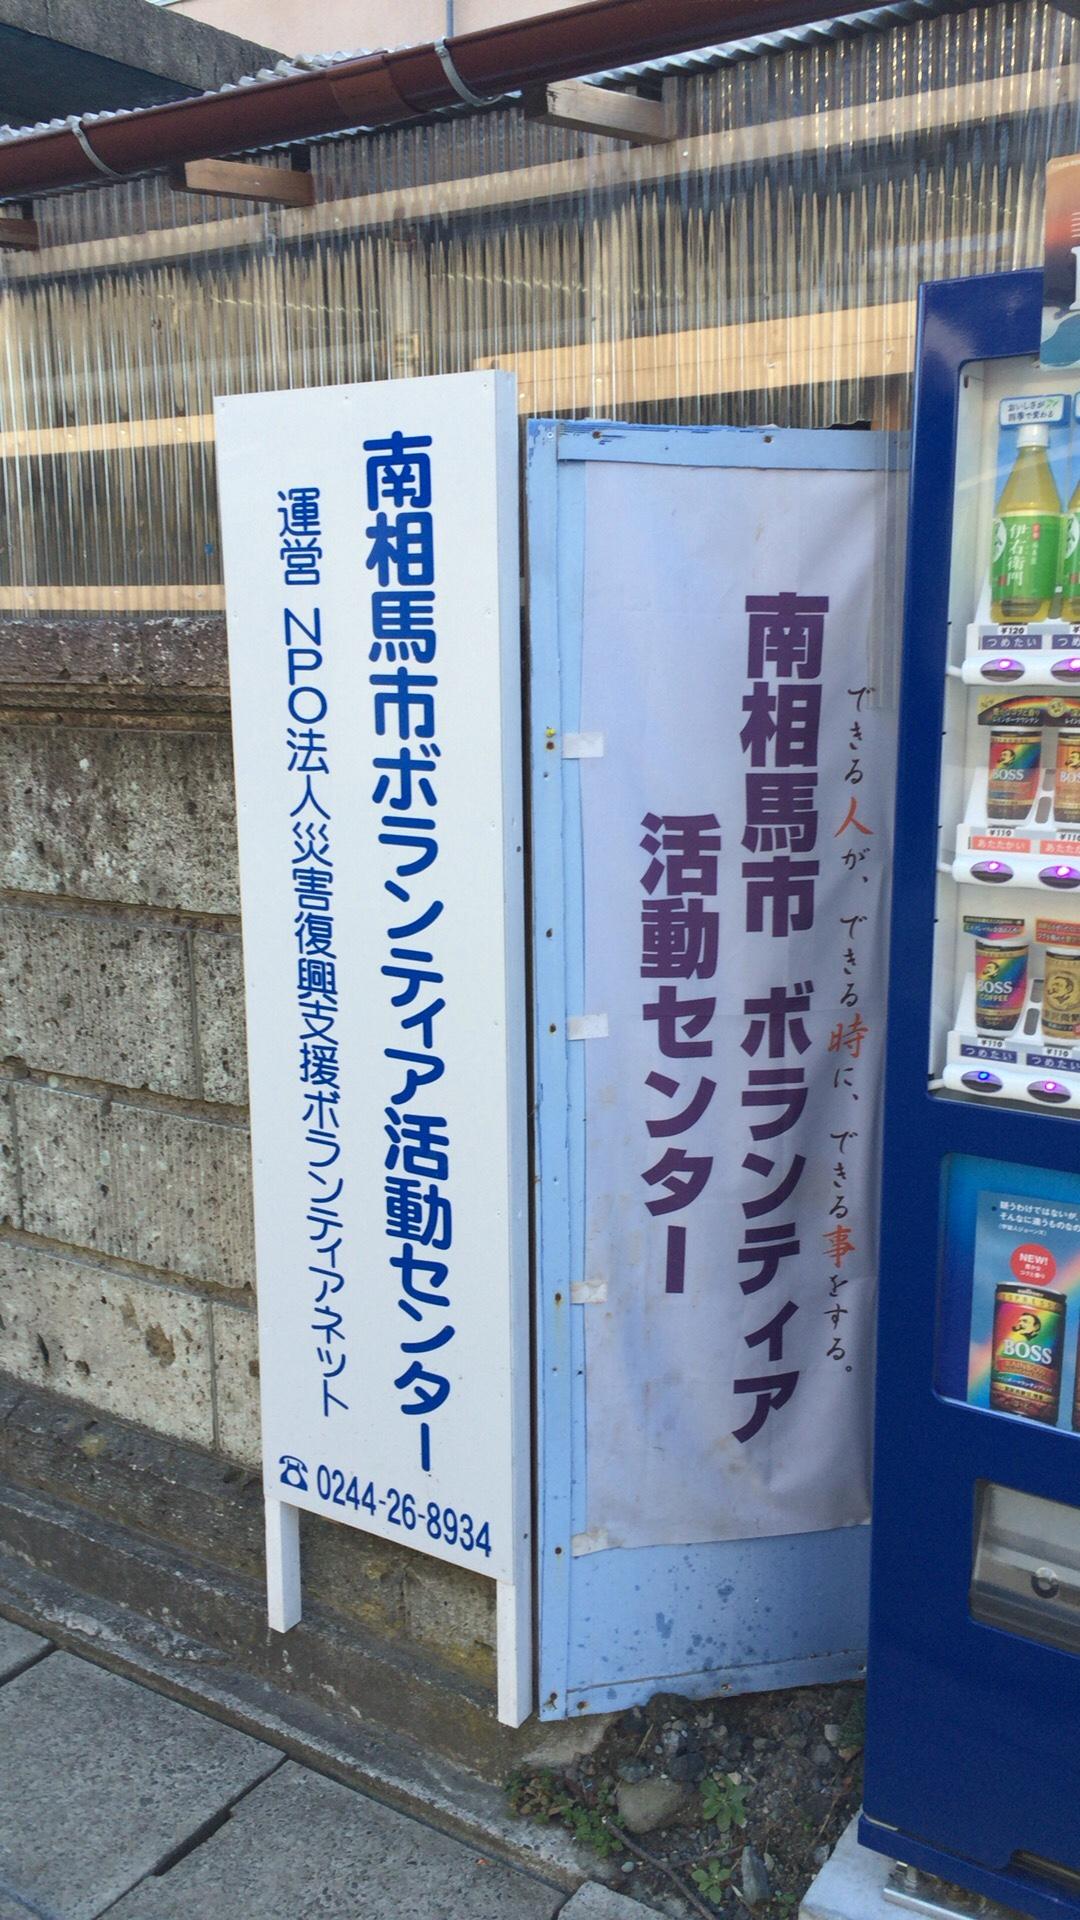 東日本大震災ボランティア 27th(南相馬市小高区)